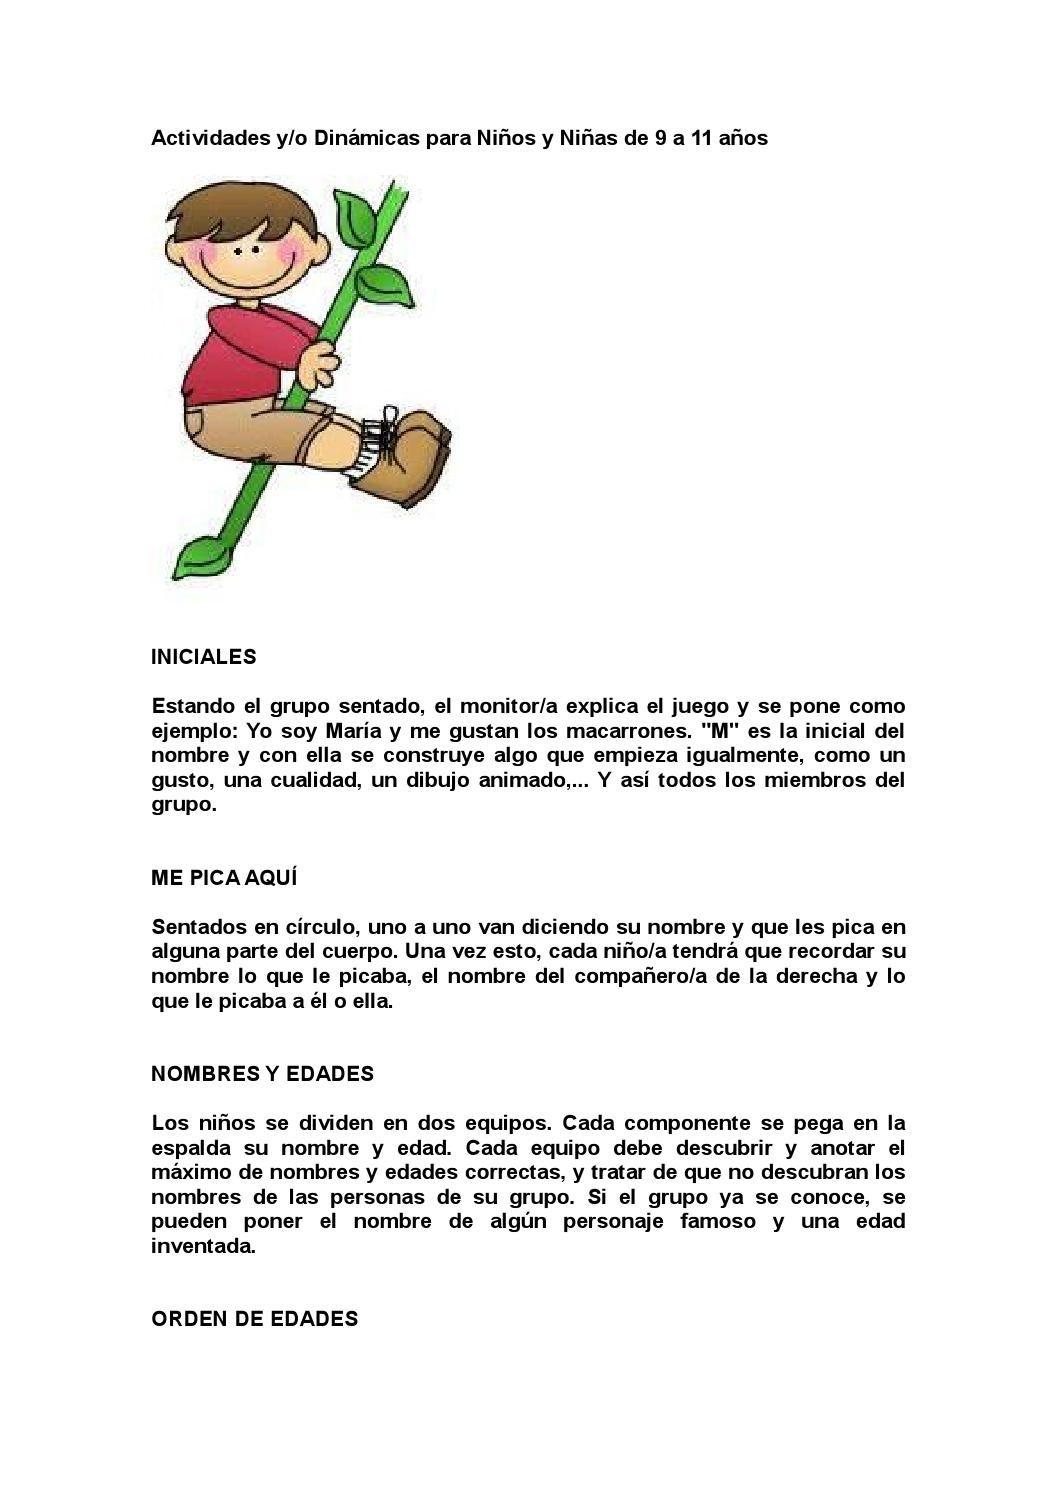 Actividades Para Recreo 1 Actividades Dinamicas Para Niños Recreo